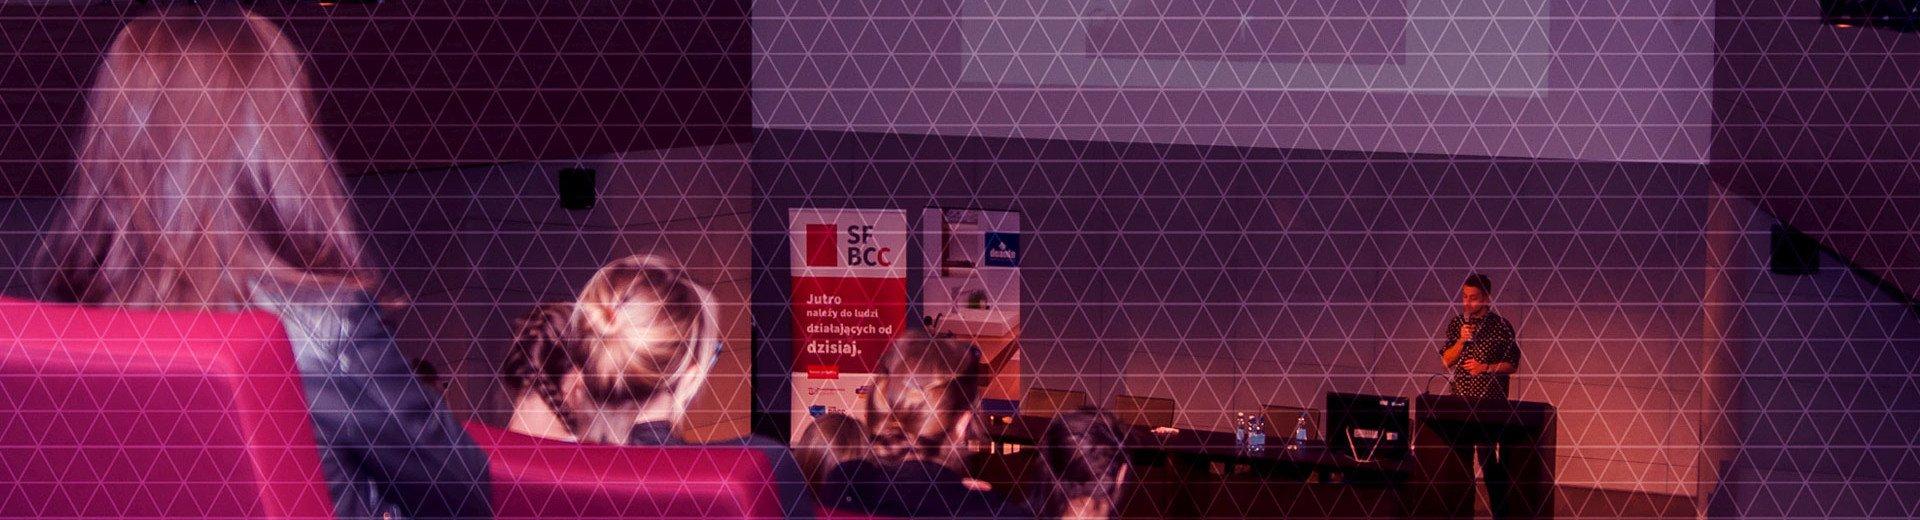 Okładka artykułu Kreatywnie i użytecznie w biznesie — Art Business Festival